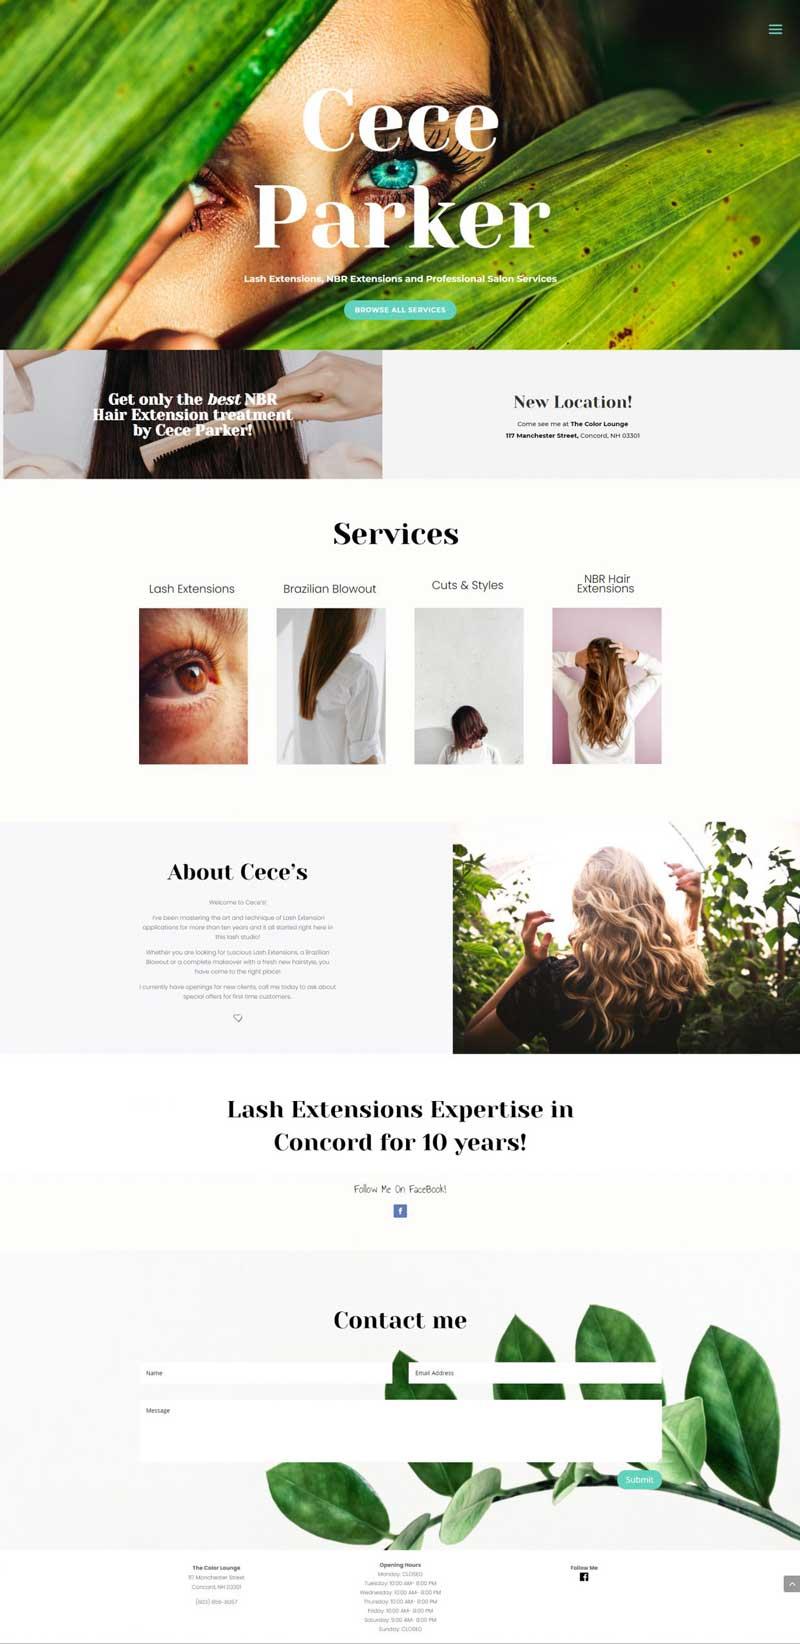 Cece Parker Lash Extensions Website